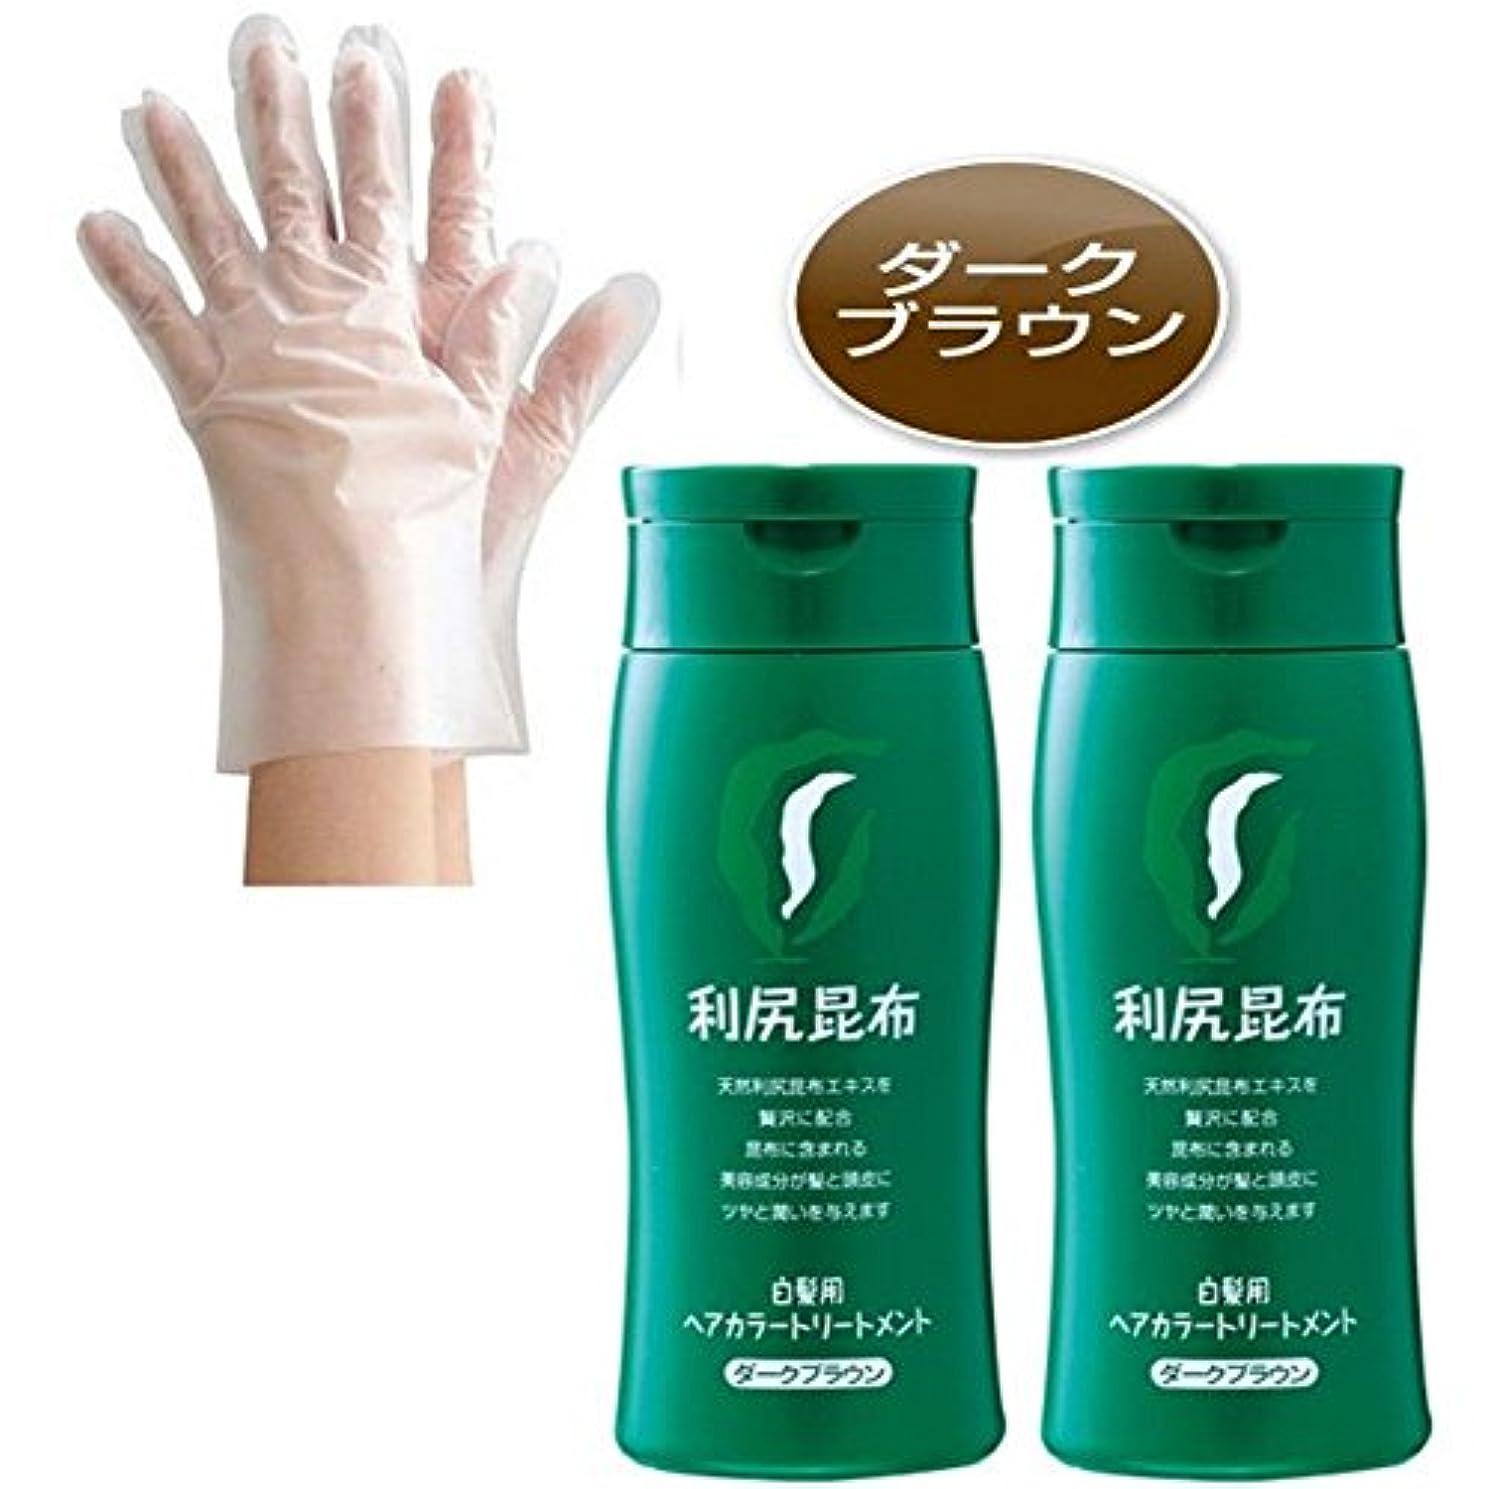 アレルギー欠かせない先利尻昆布ヘアカラートリートメント (ダークブラウン) 白髪染め 200g × 2個(使い捨て手袋付)【無添加?日本製】